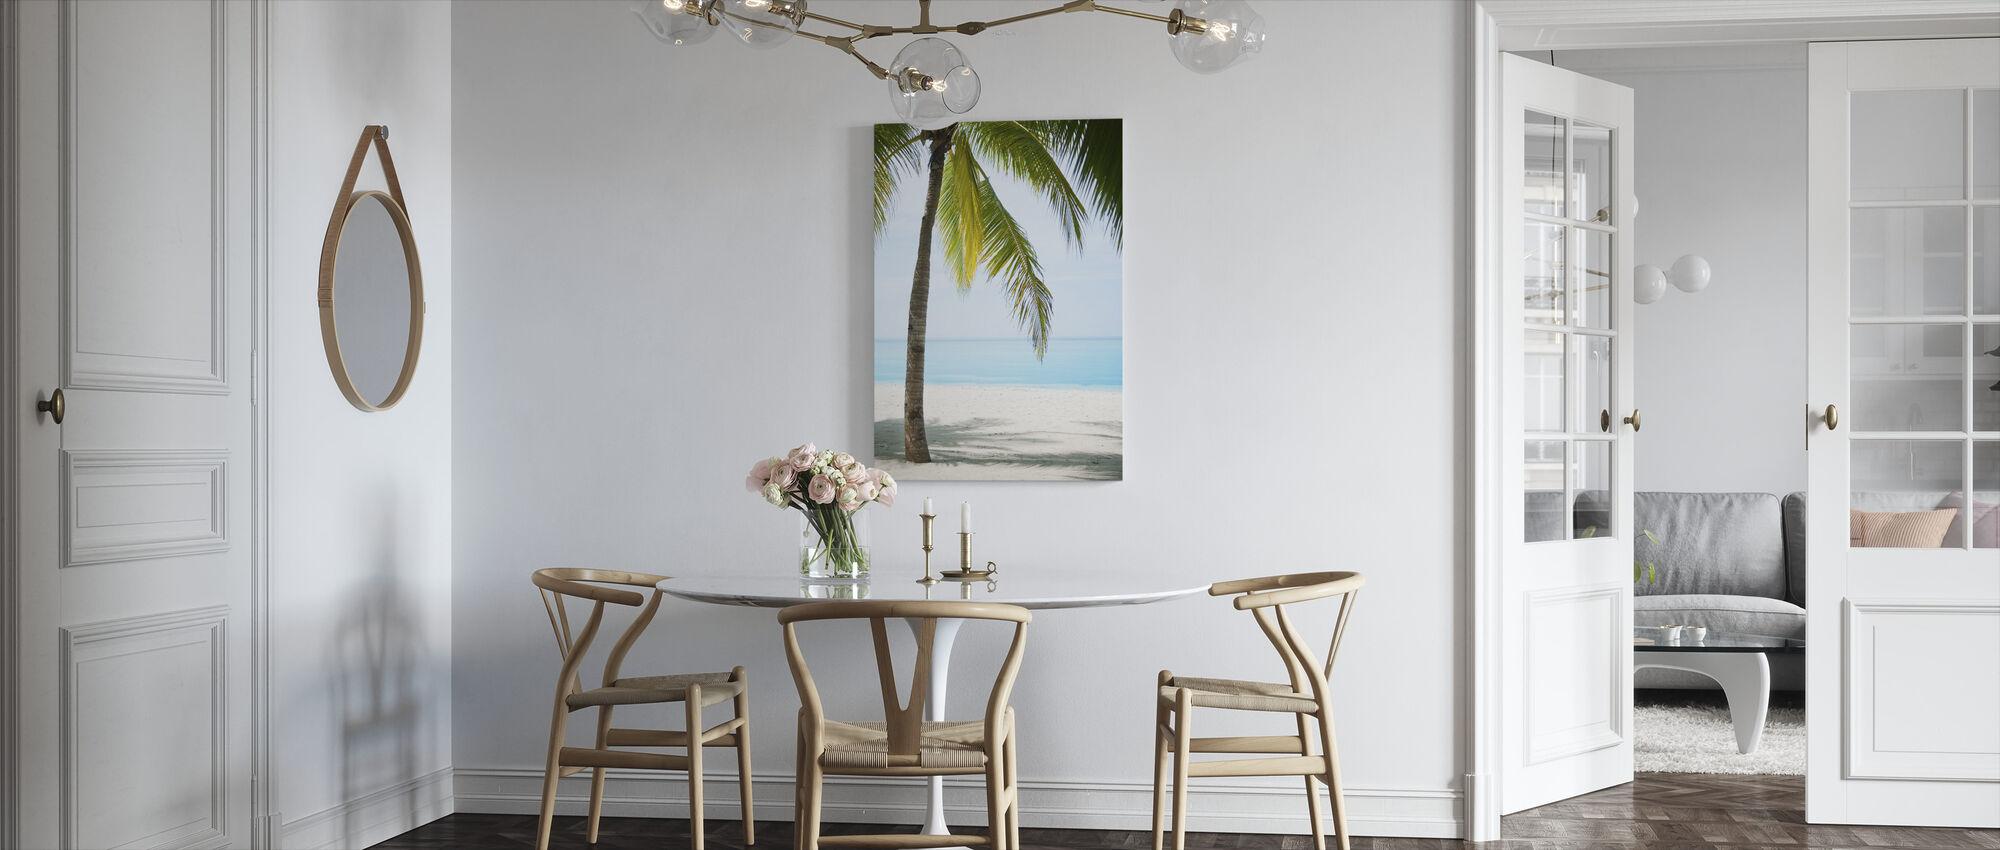 Palm Tree, Bohol, Filippiinit - Canvastaulu - Keittiö